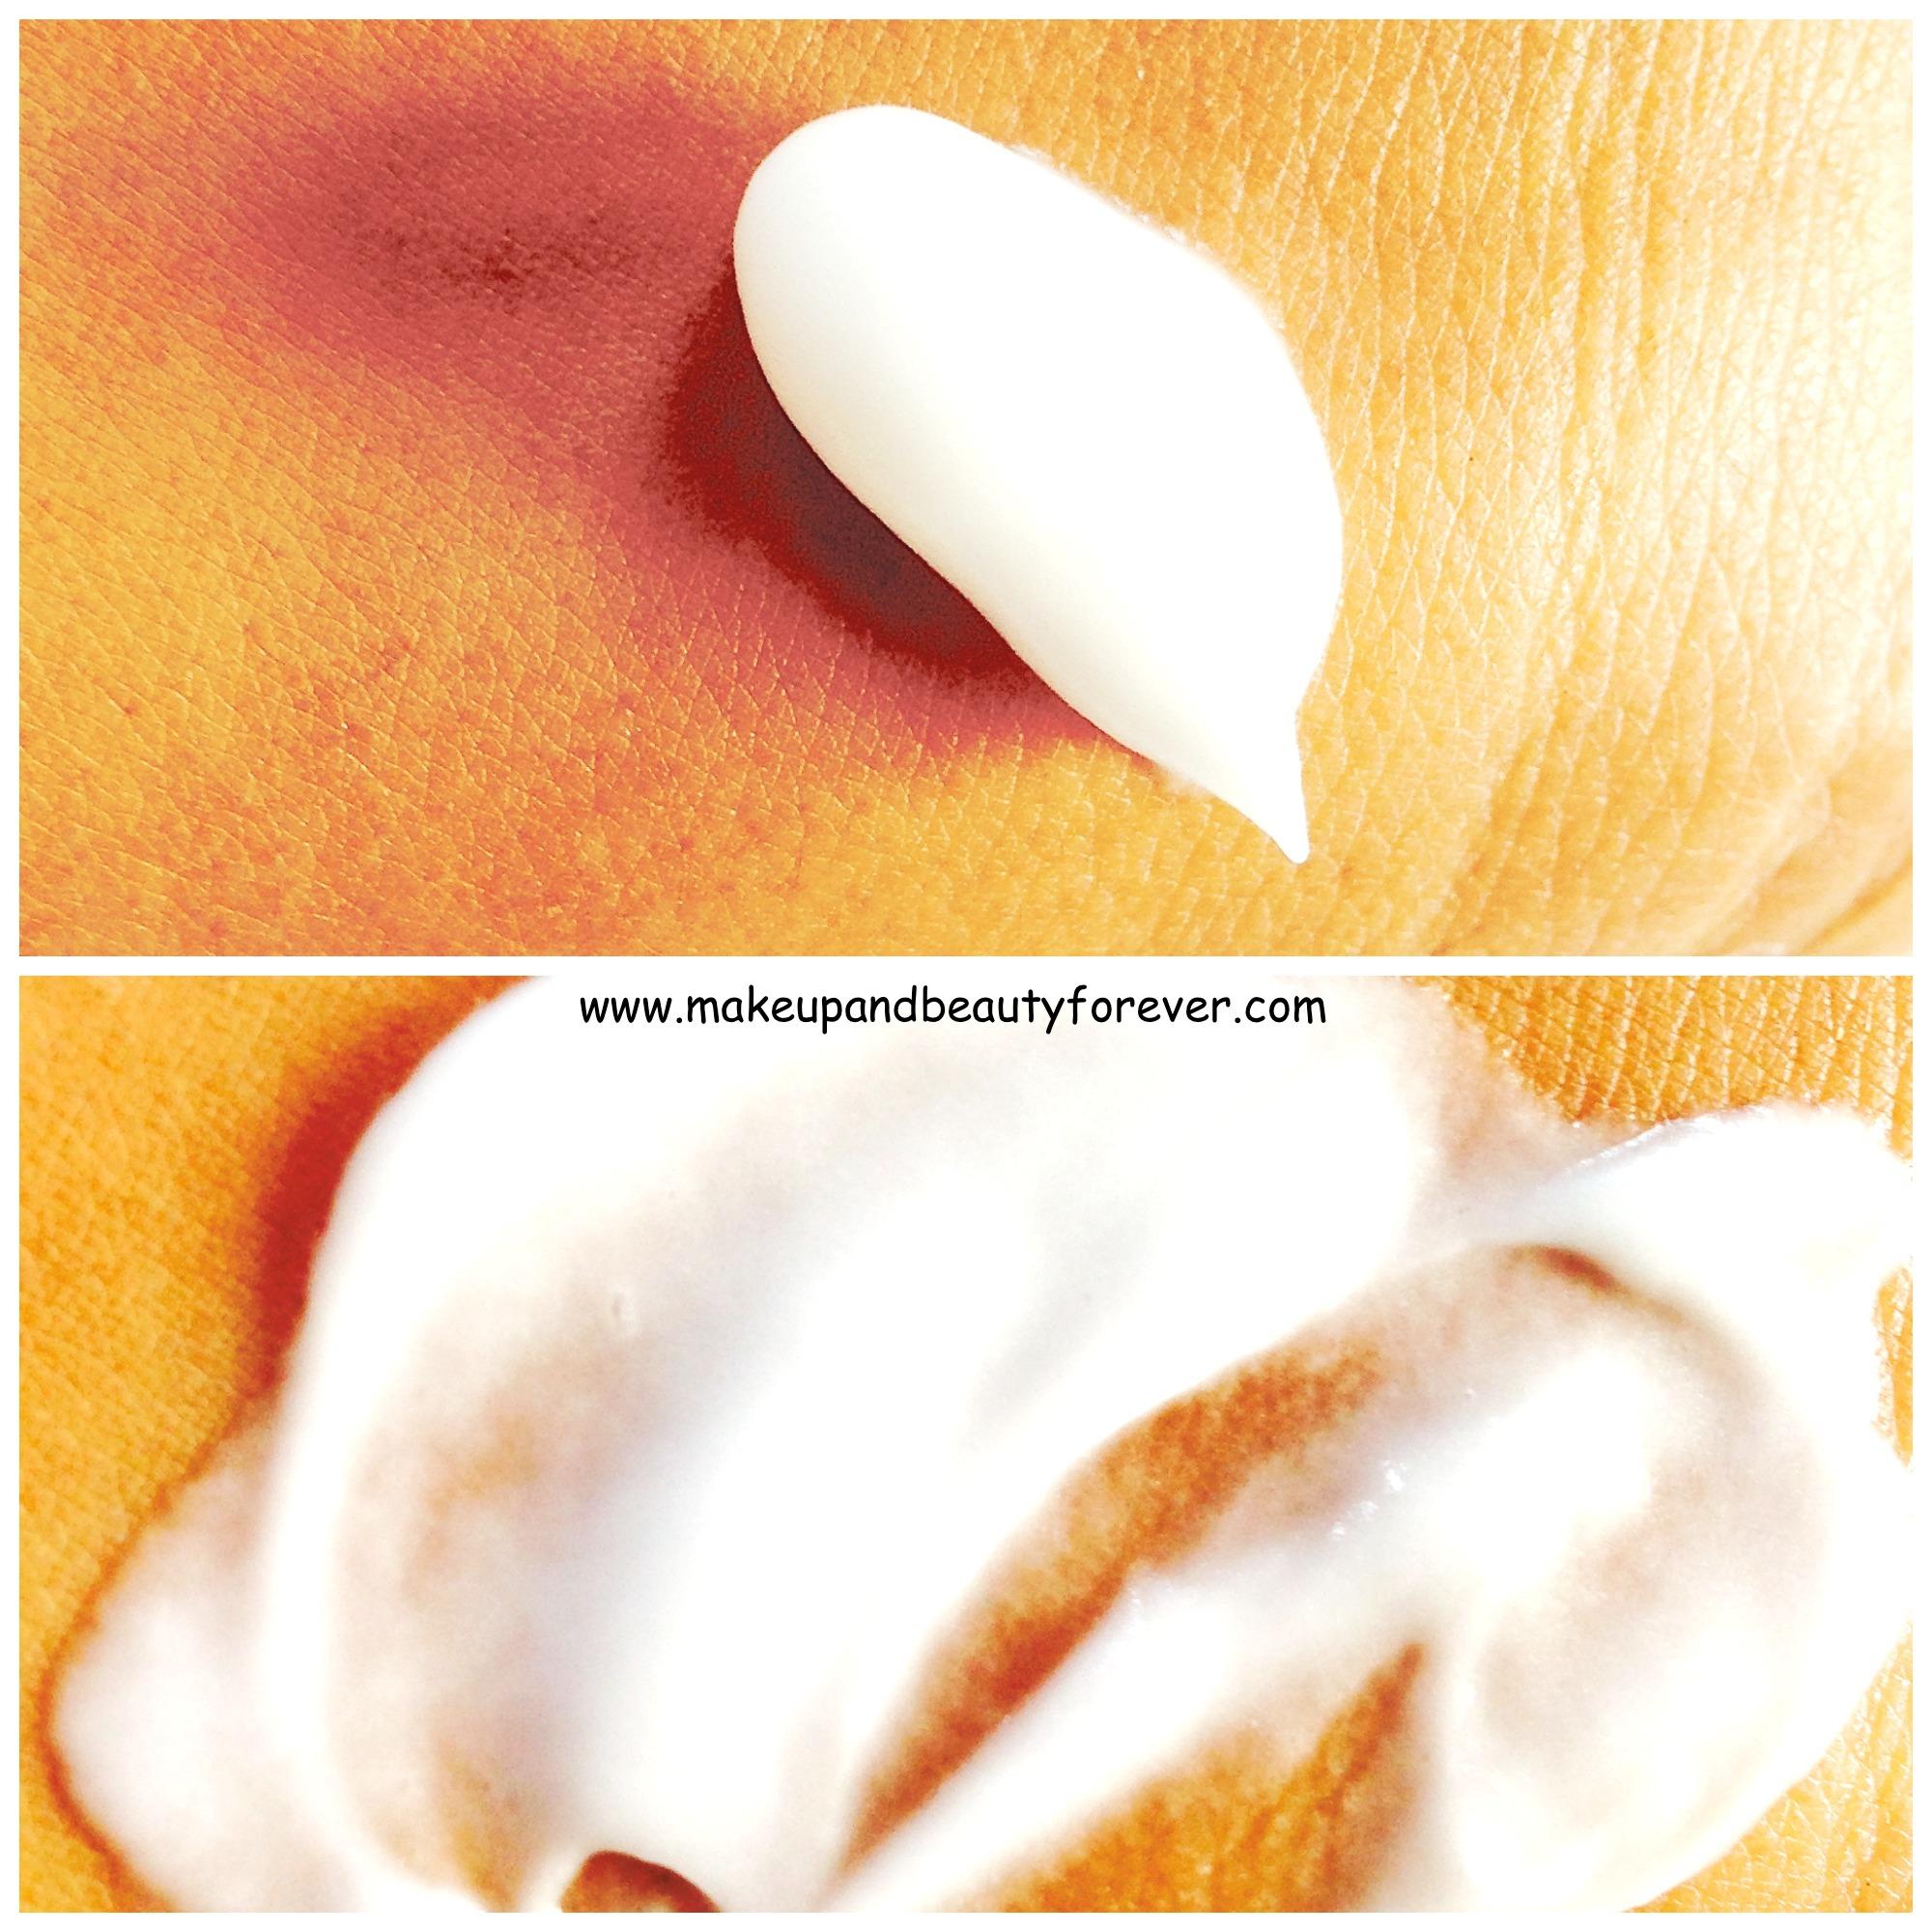 in shower body moisturiser skin conditioner nivea in shower body moisturiser skin conditioner